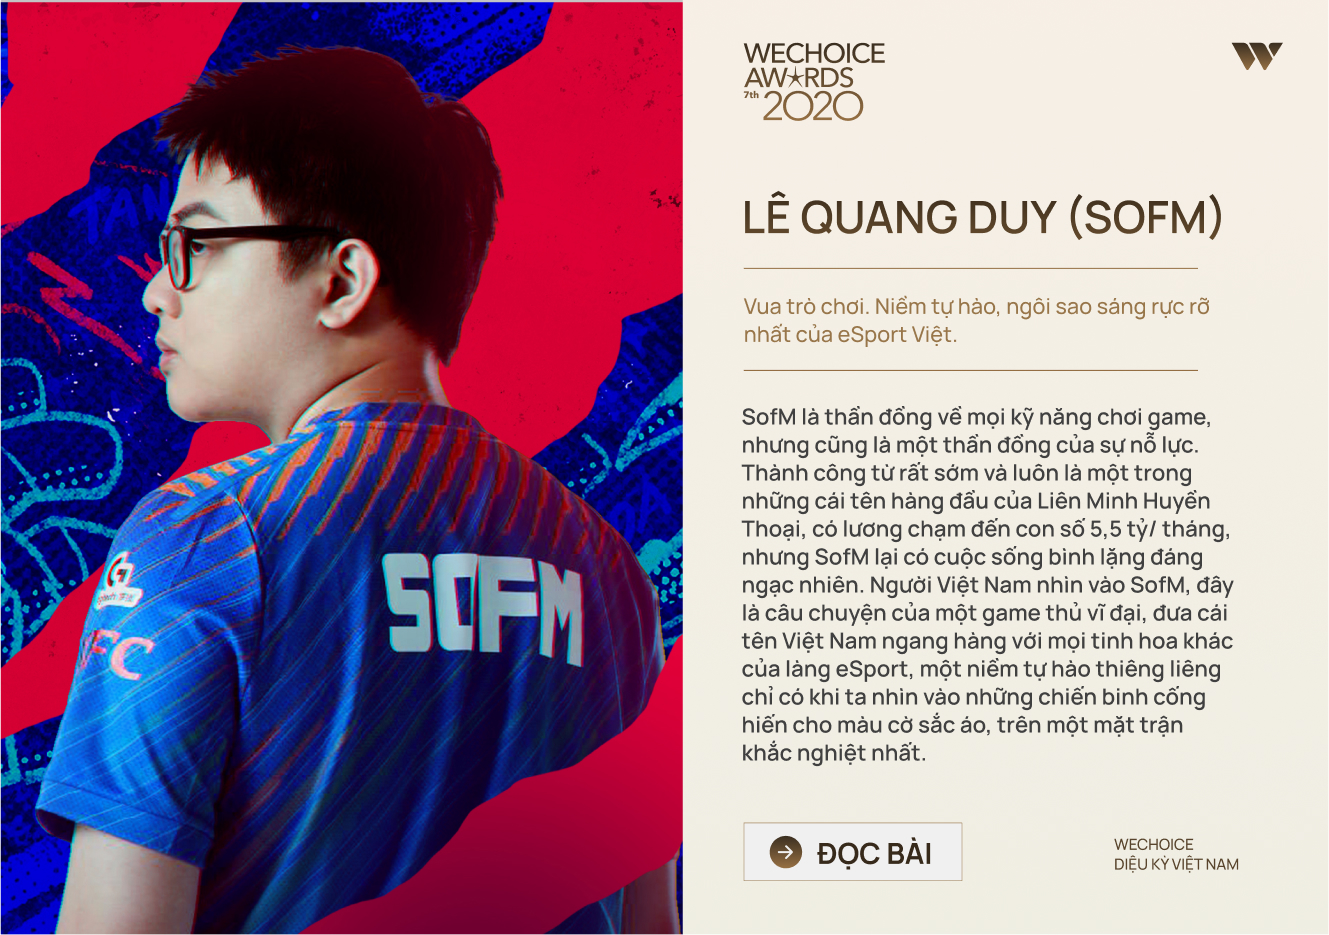 20 đề cử nhân vật truyền cảm hứng của WeChoice Awards 2020: Những câu chuyện tạo nên Diệu kỳ Việt Nam - Ảnh 11.